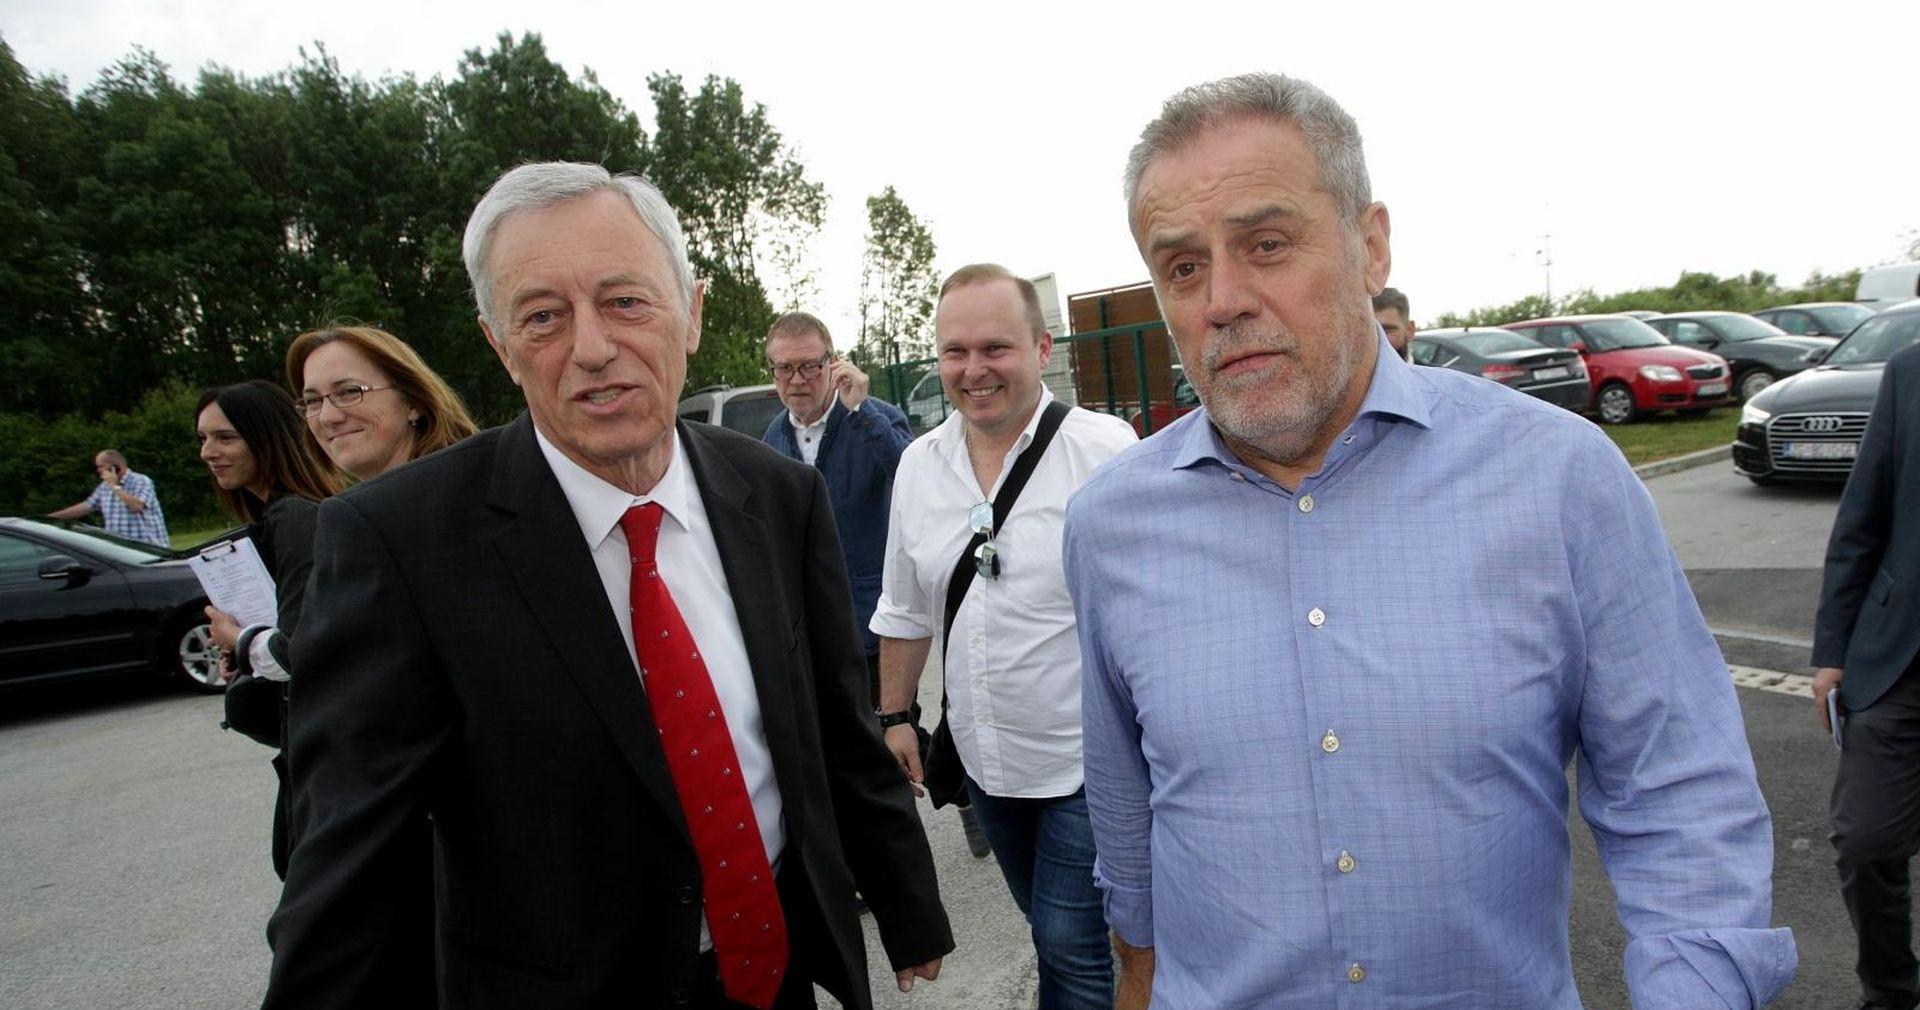 HDZ-ova koalicija dogovorila suradnju s Bandićem i Kožićem